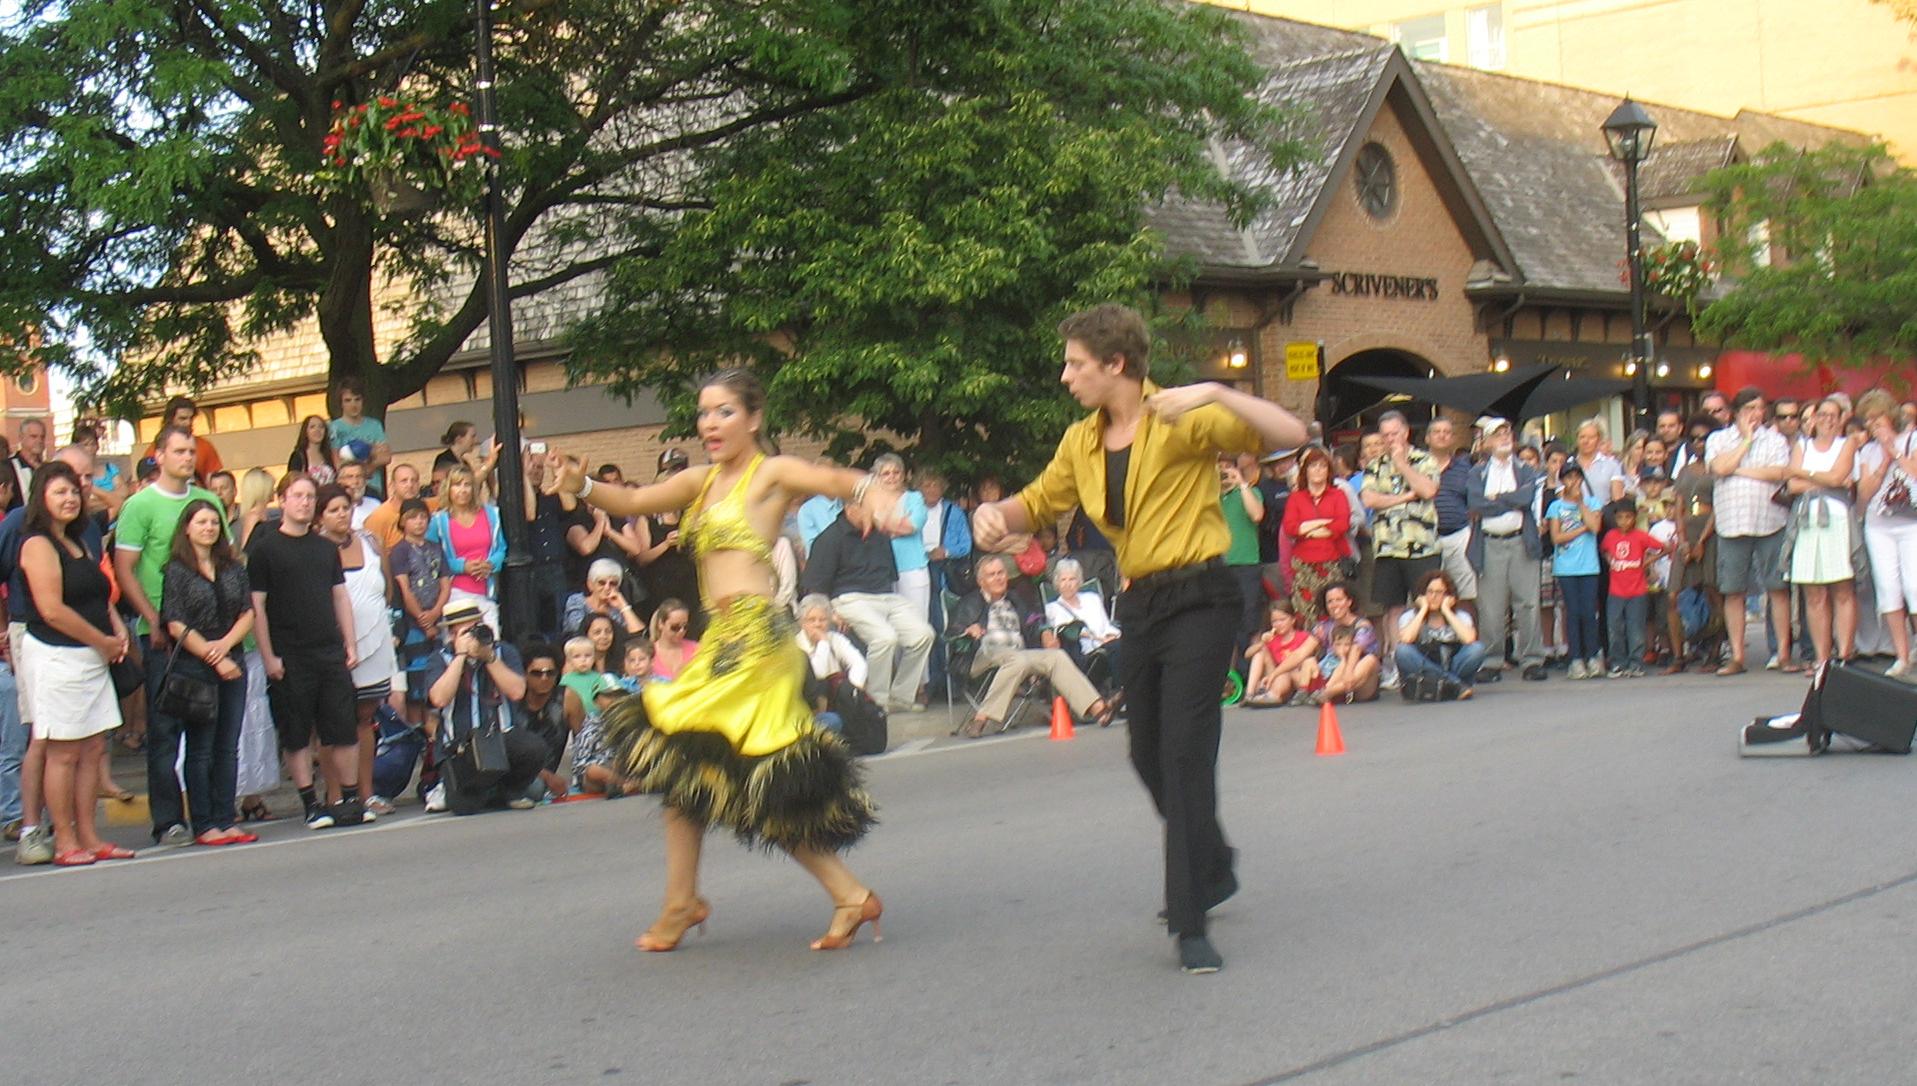 danceScape @ Burlington Sound of Music Festival – Veli & Matt Full Demos (Friday)